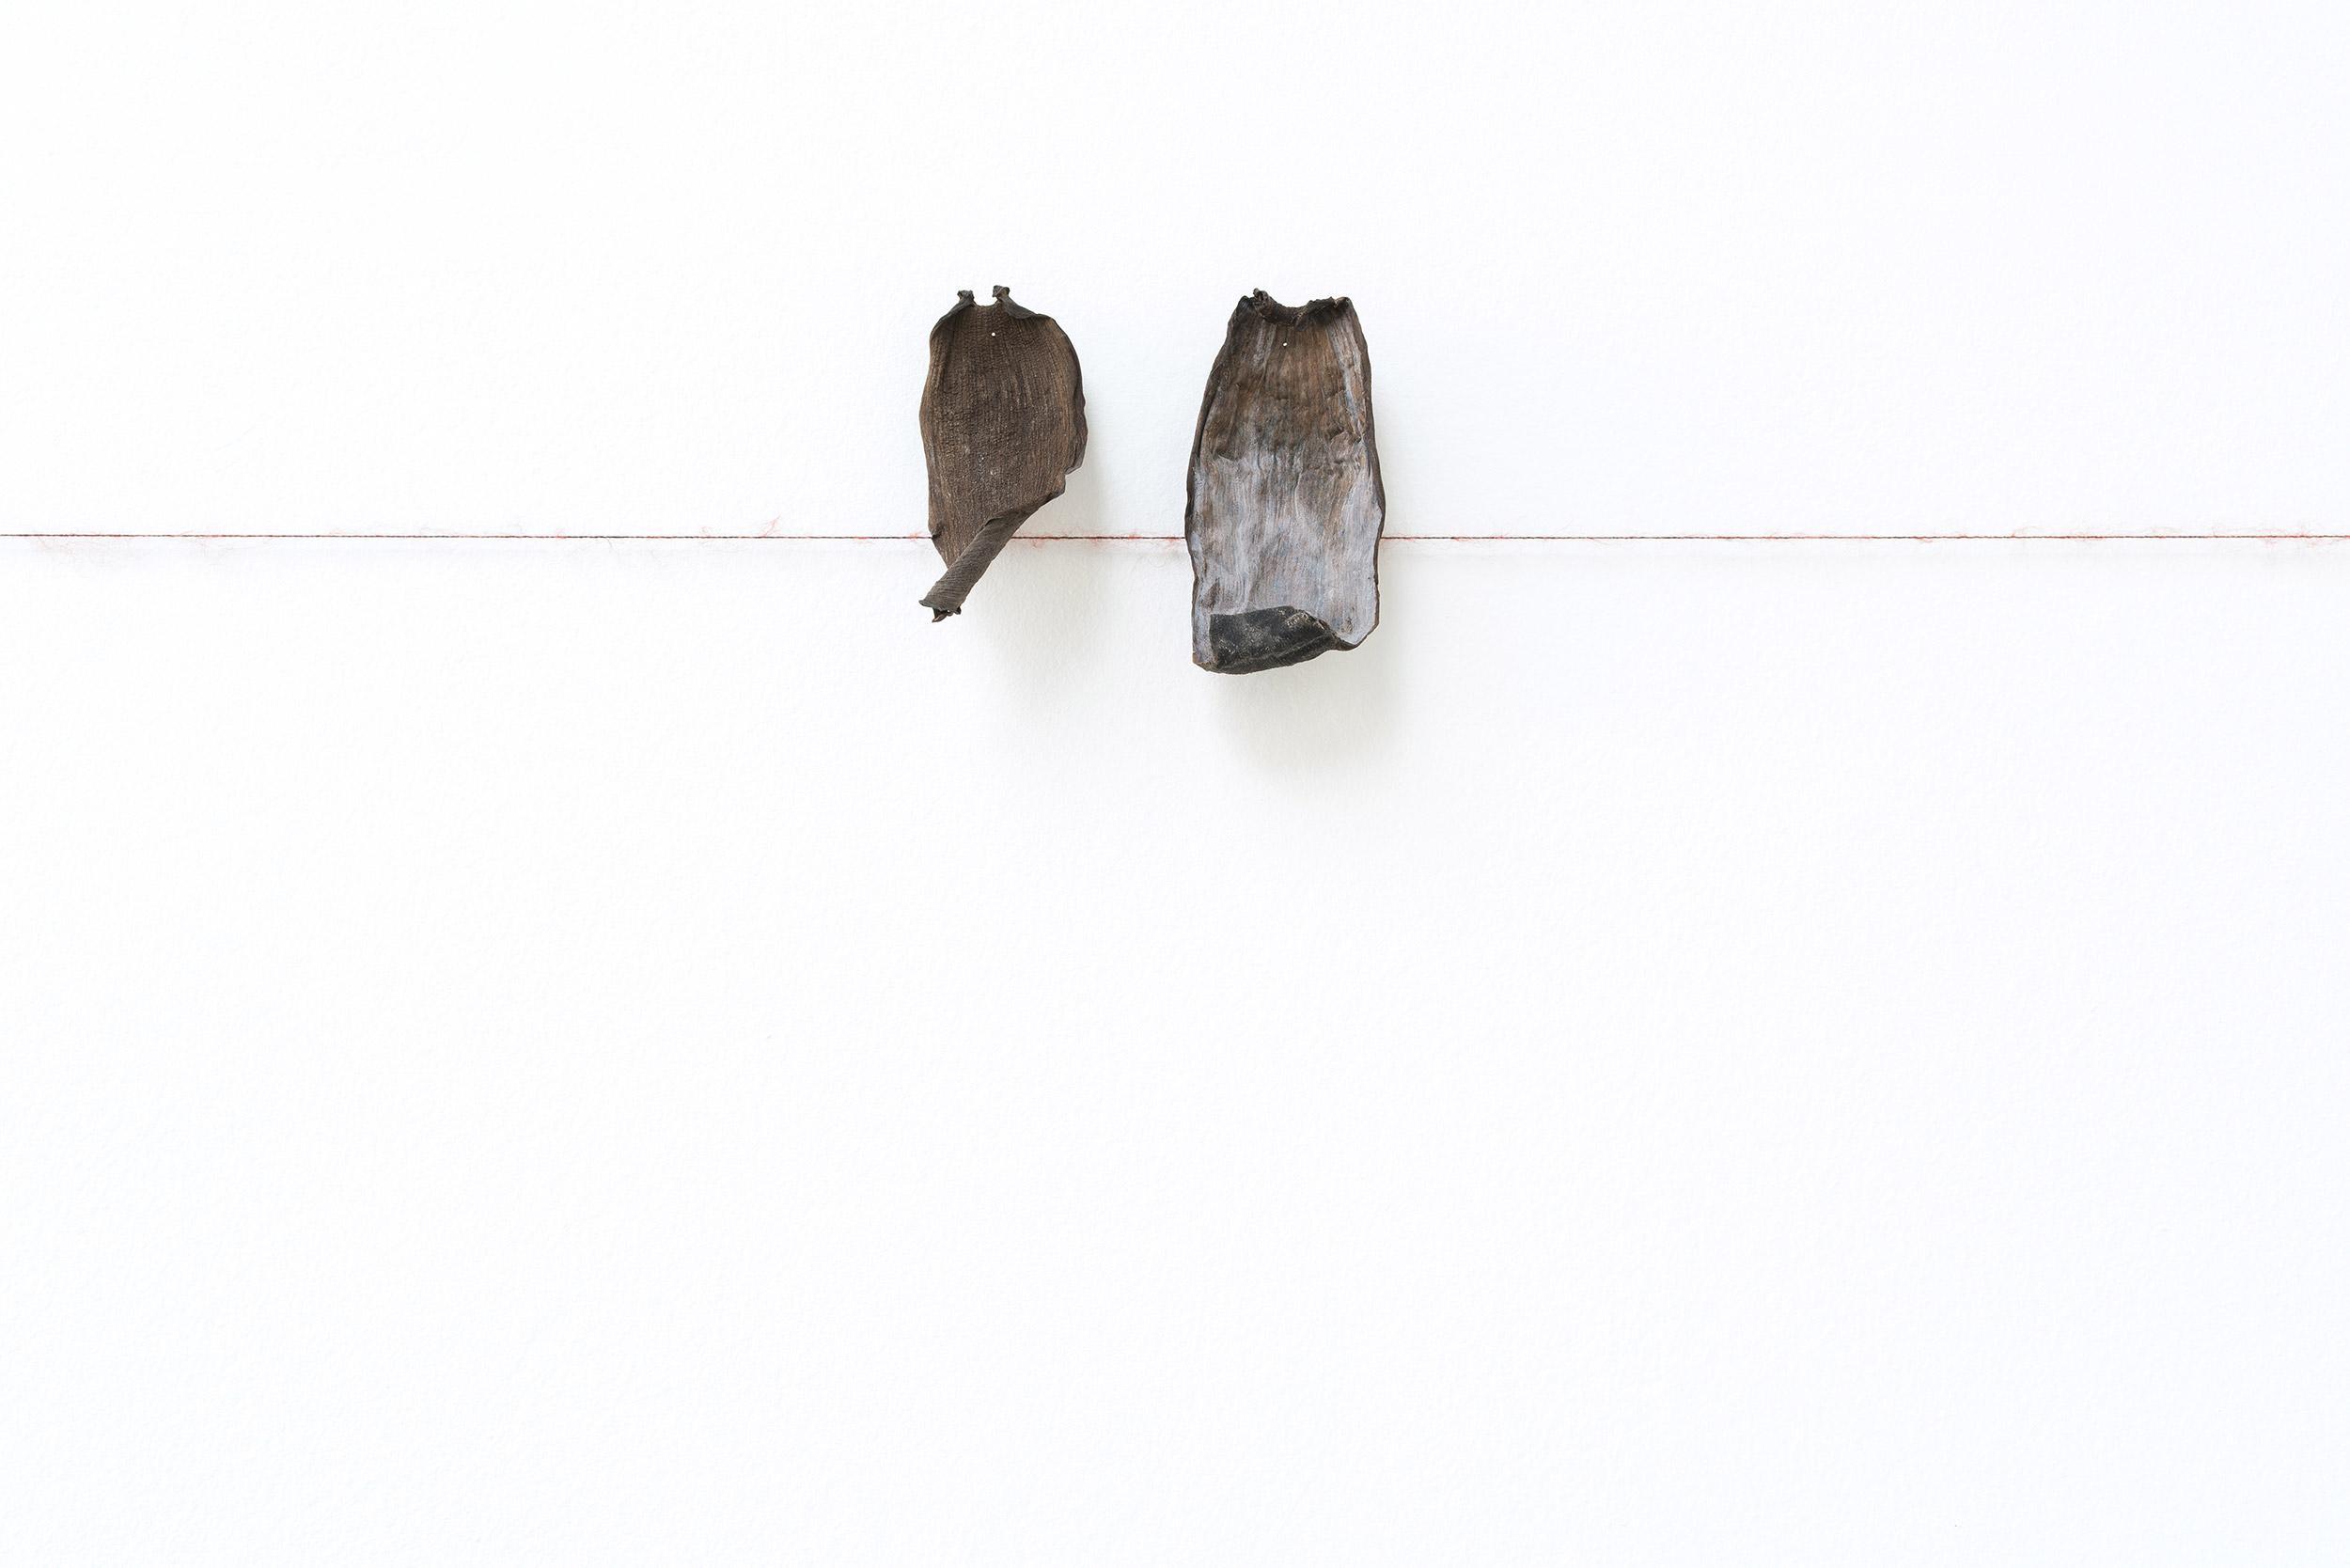 Vue de l'exposition de Minia Biabiany, « Musa Nuit », La Verrière (Bruxelles), 2020 © Isabelle Arthuis / Fondation d'entreprise Hermès